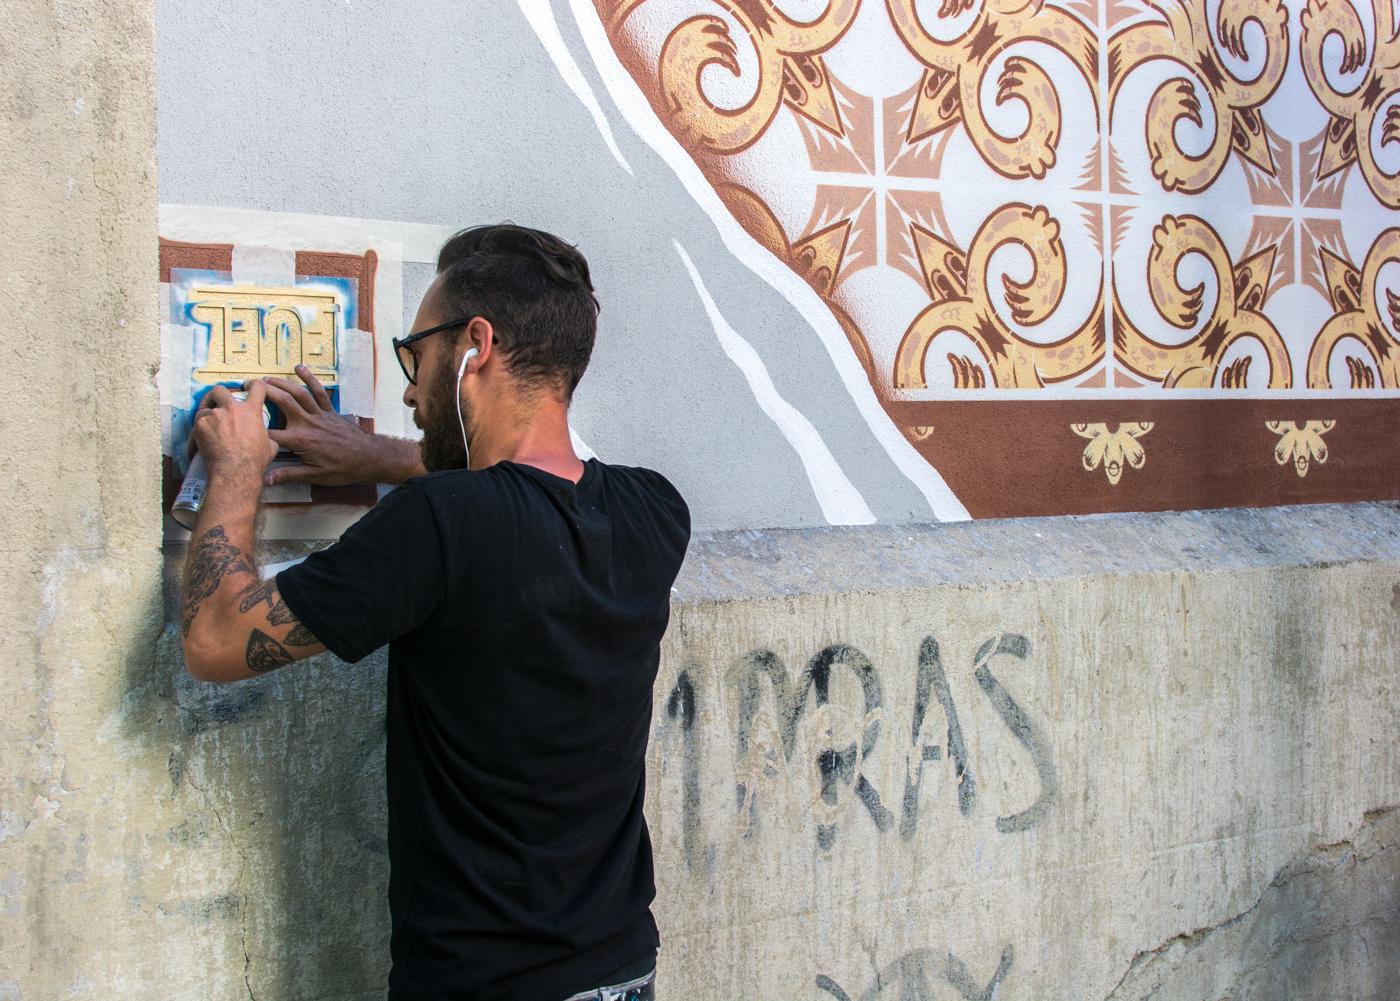 Add Fuel - MurosTabacalera by Guillermo de la Madrid - Madrid Street Art Project-57.jpg